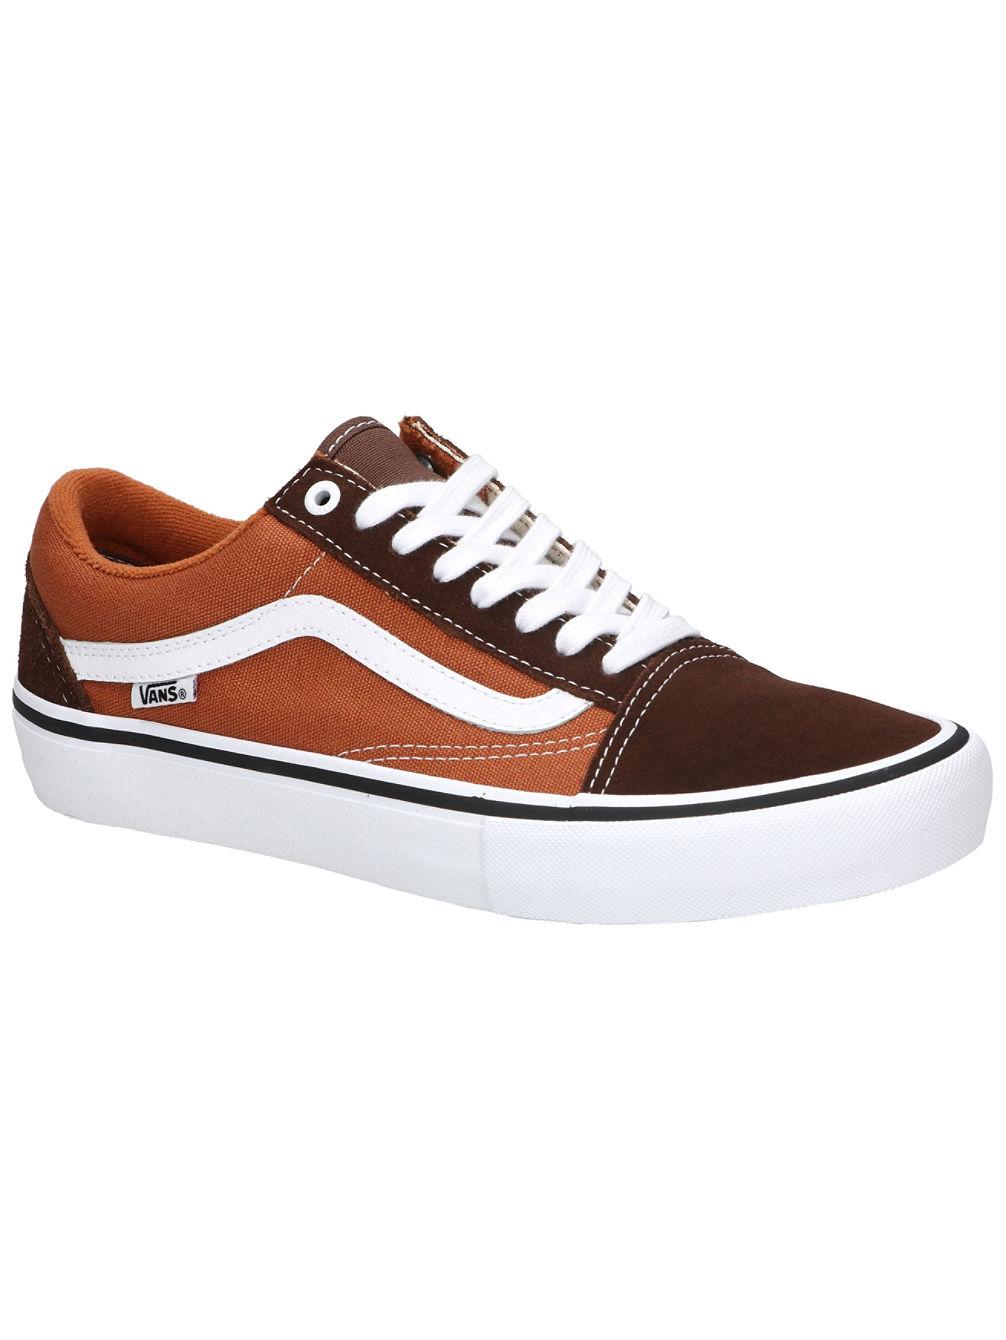 Achetez Vans Old Skool Pro Chaussures de skate en ligne sur blue-tomato.com 1b8f37e50e9